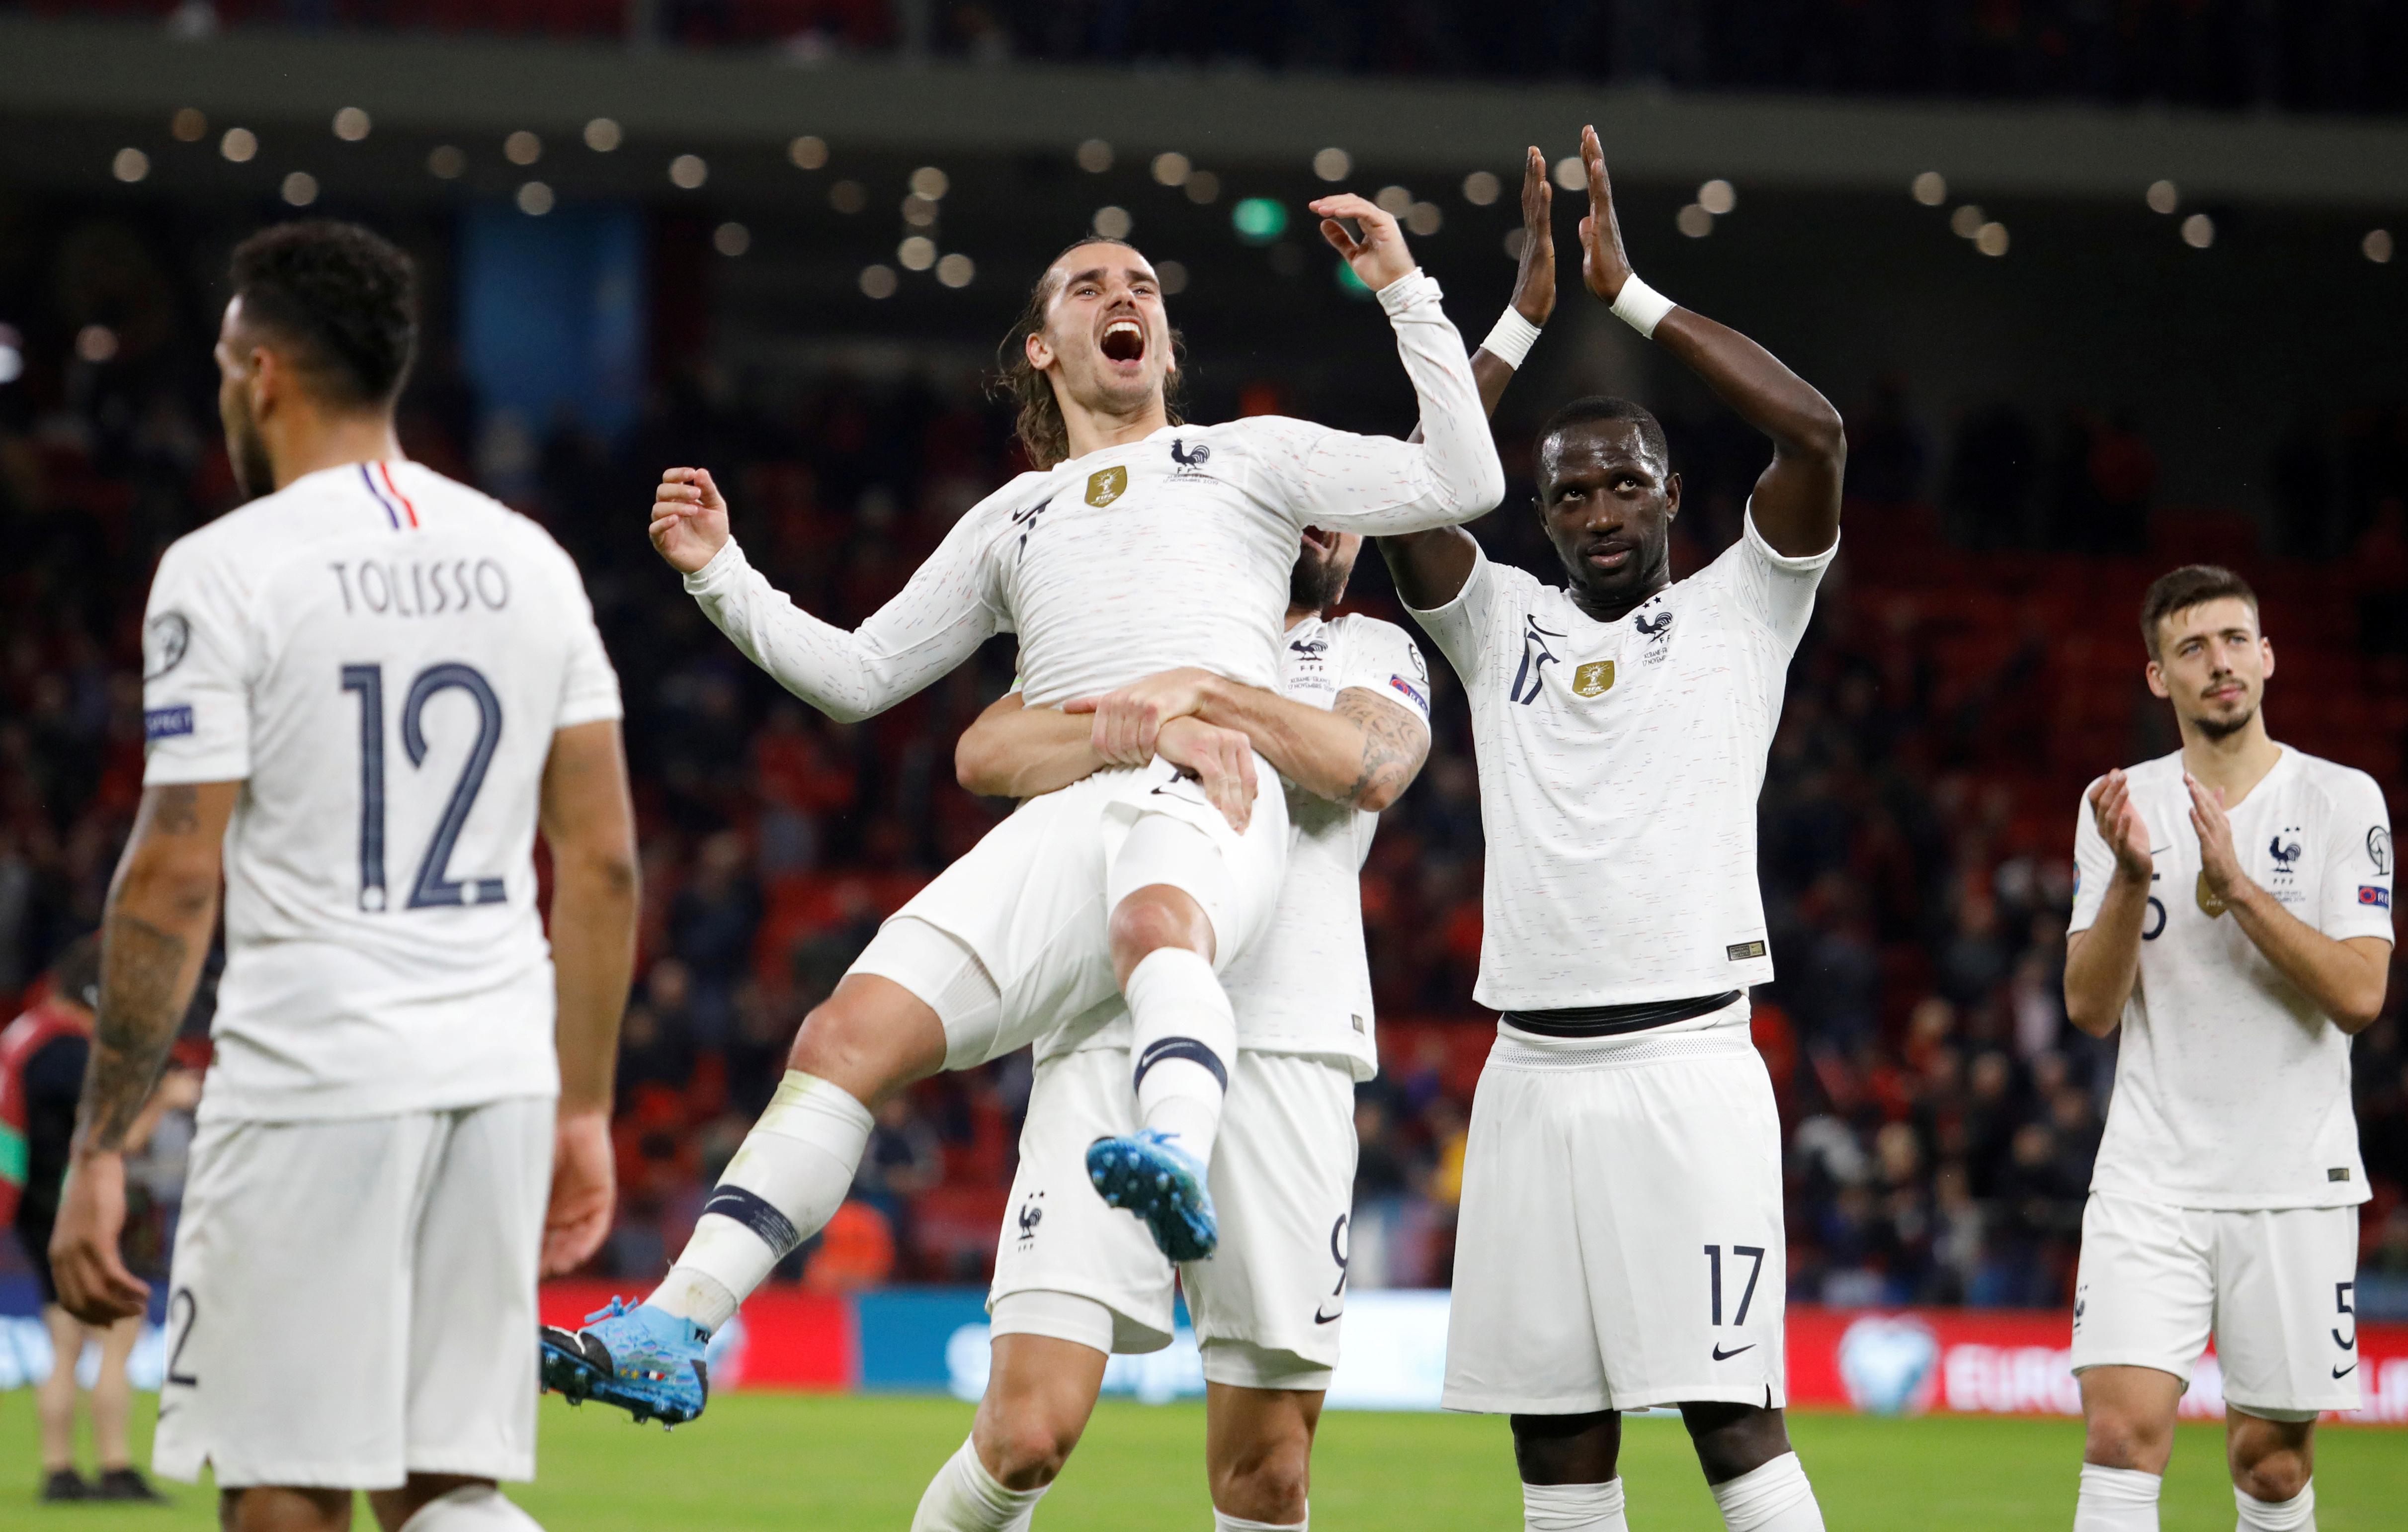 Προκριματικά Euro 2020: Πρωτιά στο νήμα για τη Γαλλία! Όλα τα αποτελέσματα της βραδιάς – videos